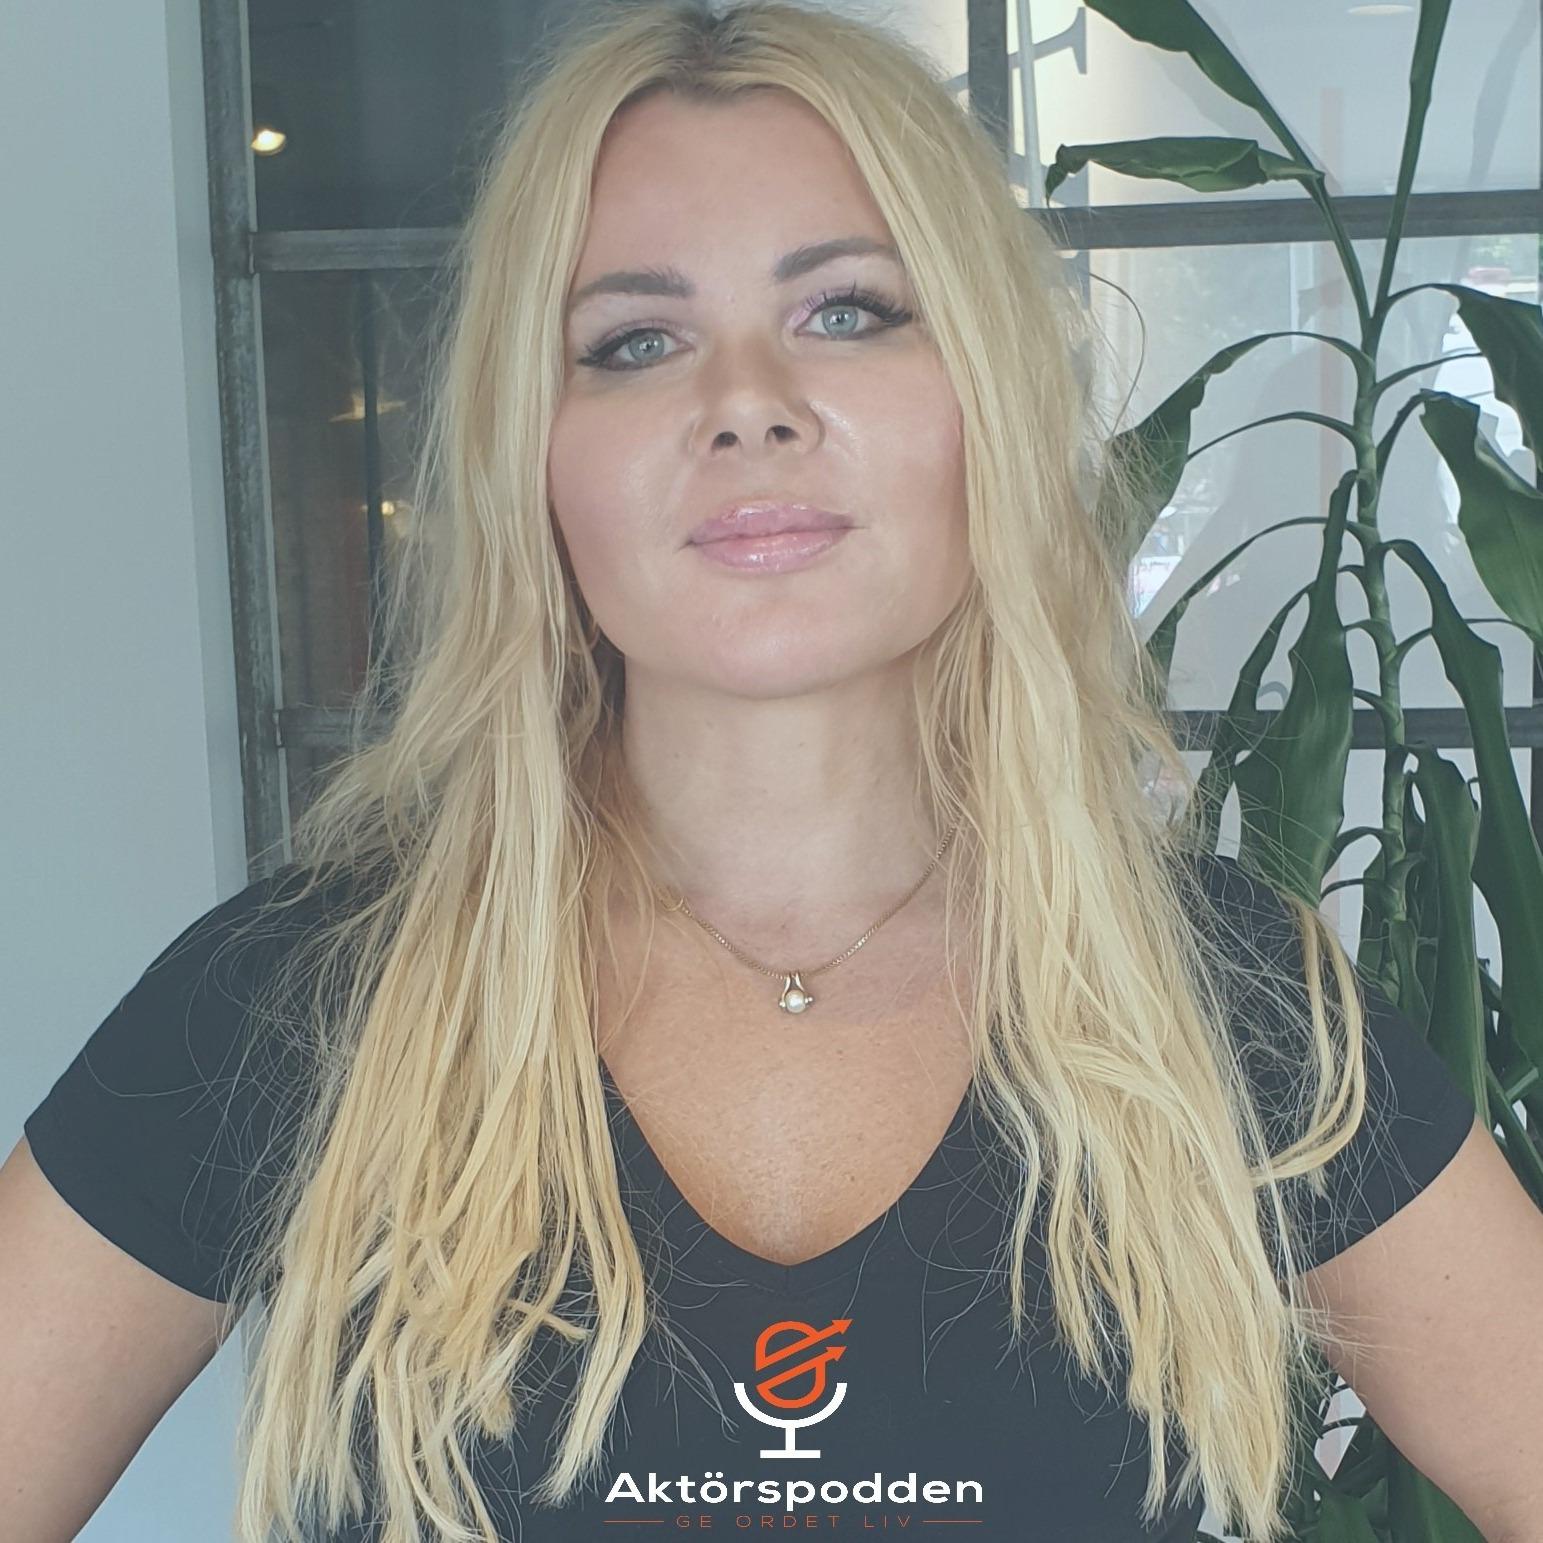 Pernilla Nyrensten #43